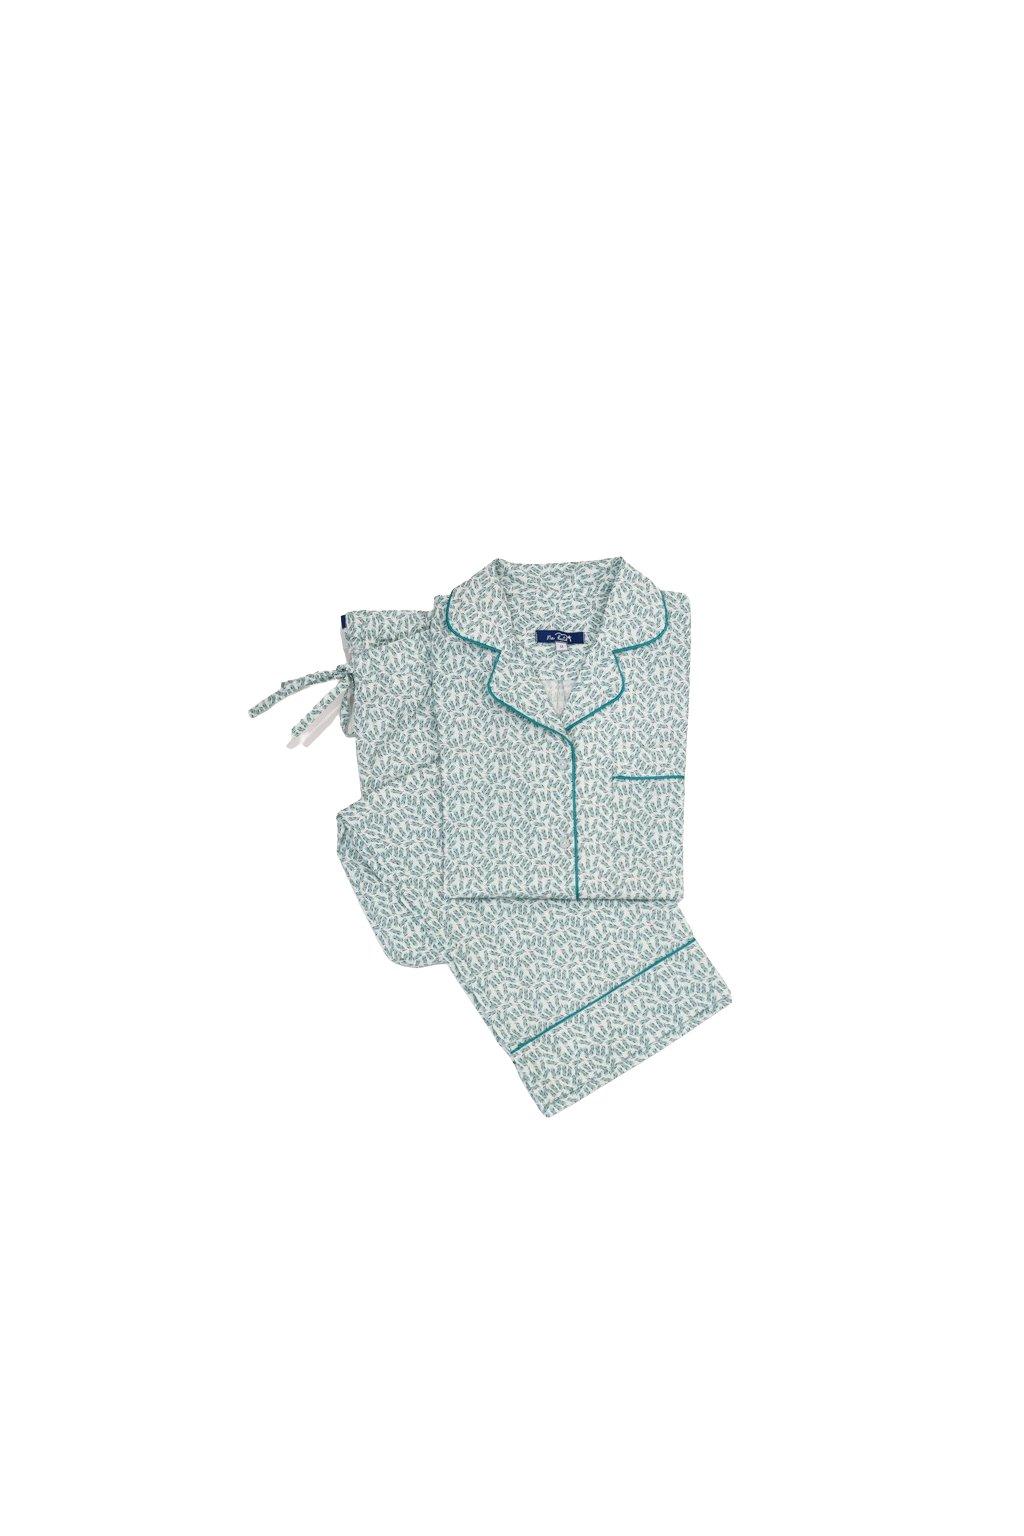 Na kutě klasické pyžamo bavlnene zelene listky1